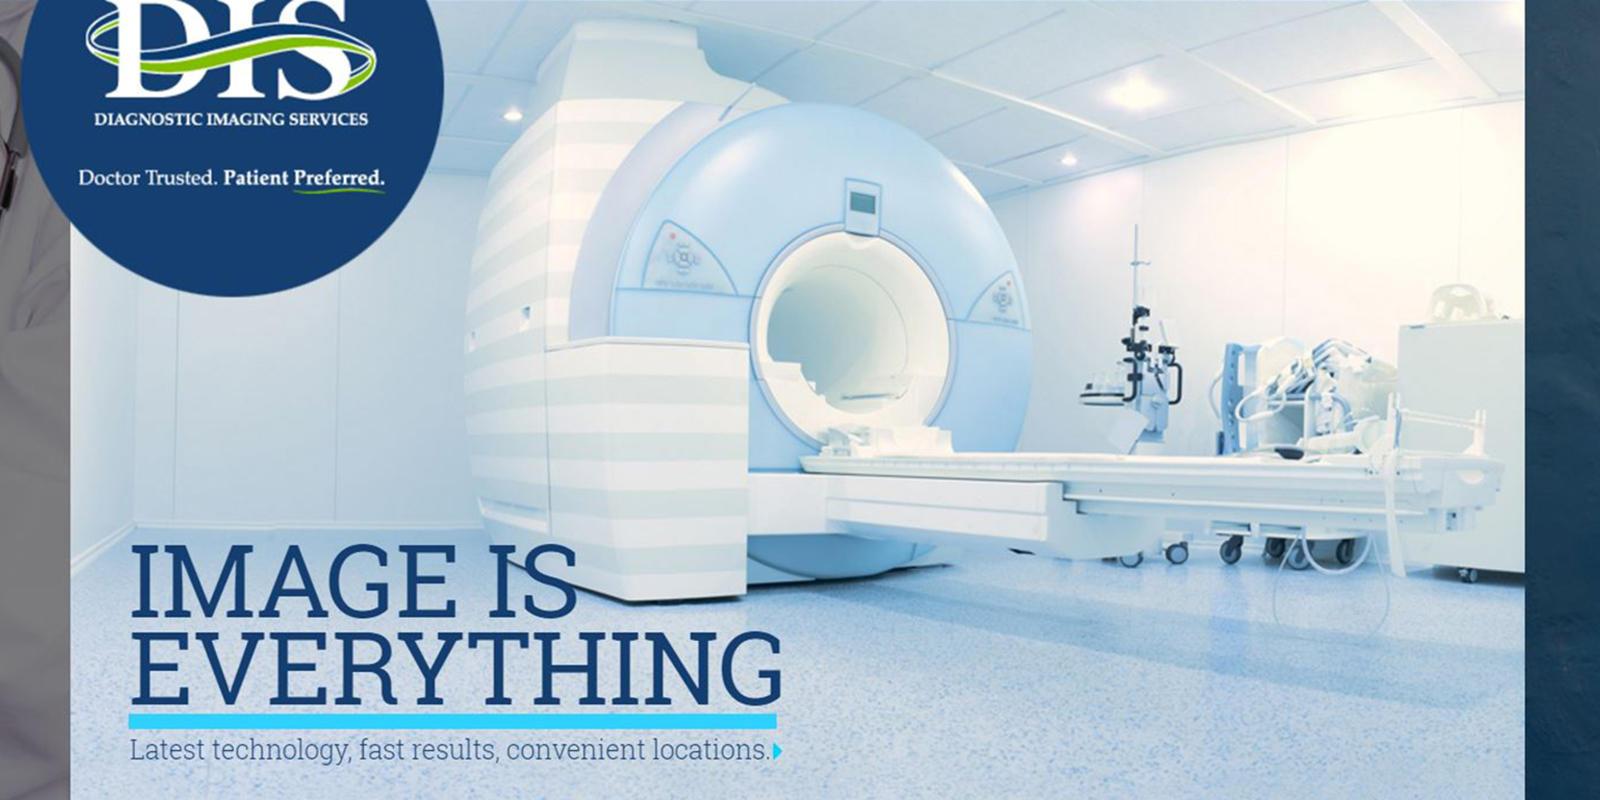 Diagnostic Imaging Services - Covington image 1